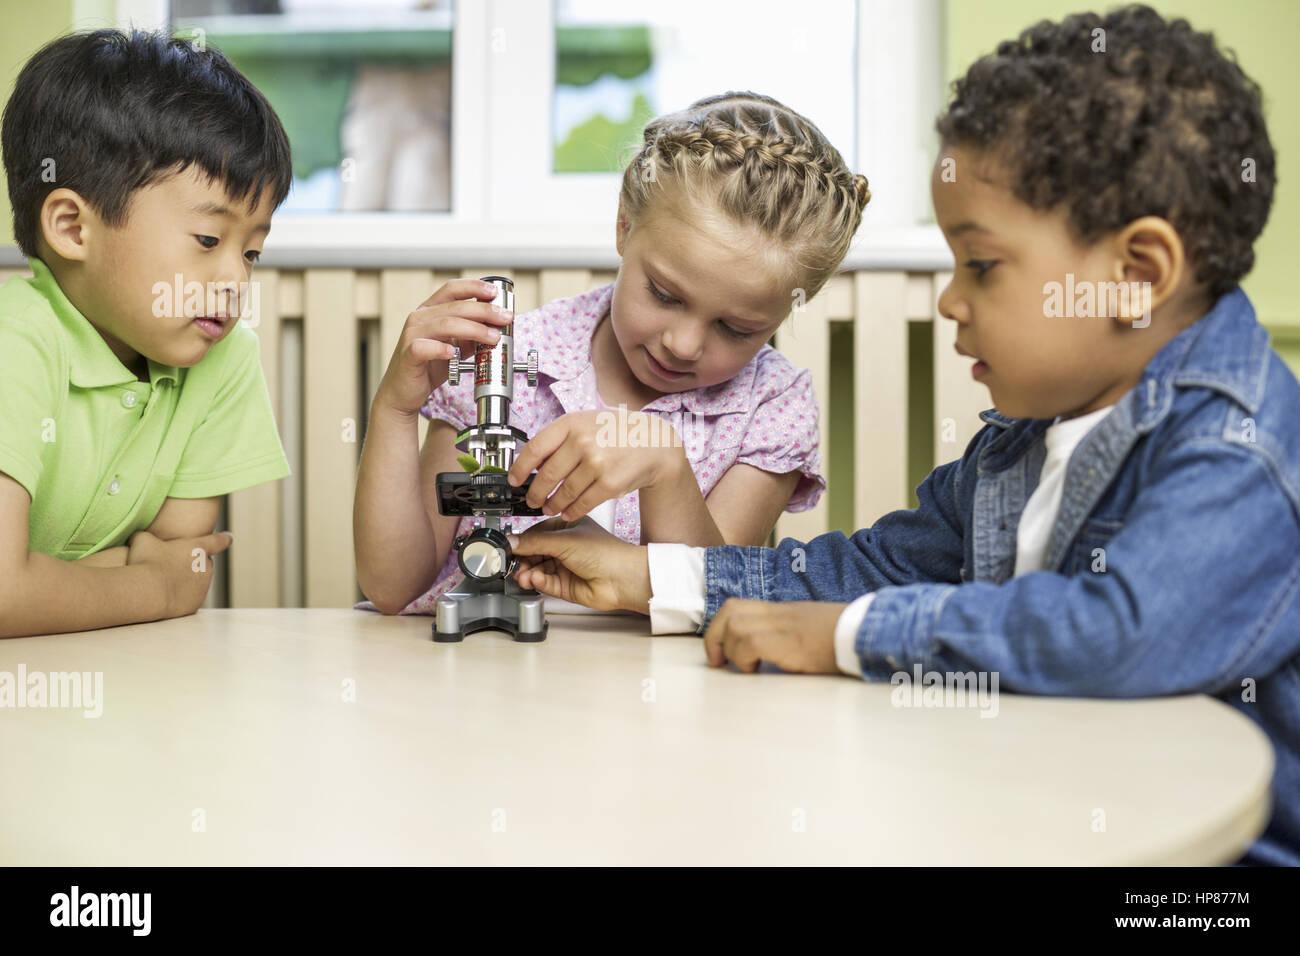 Drei kinder experimentieren mit einem mikroskop model release